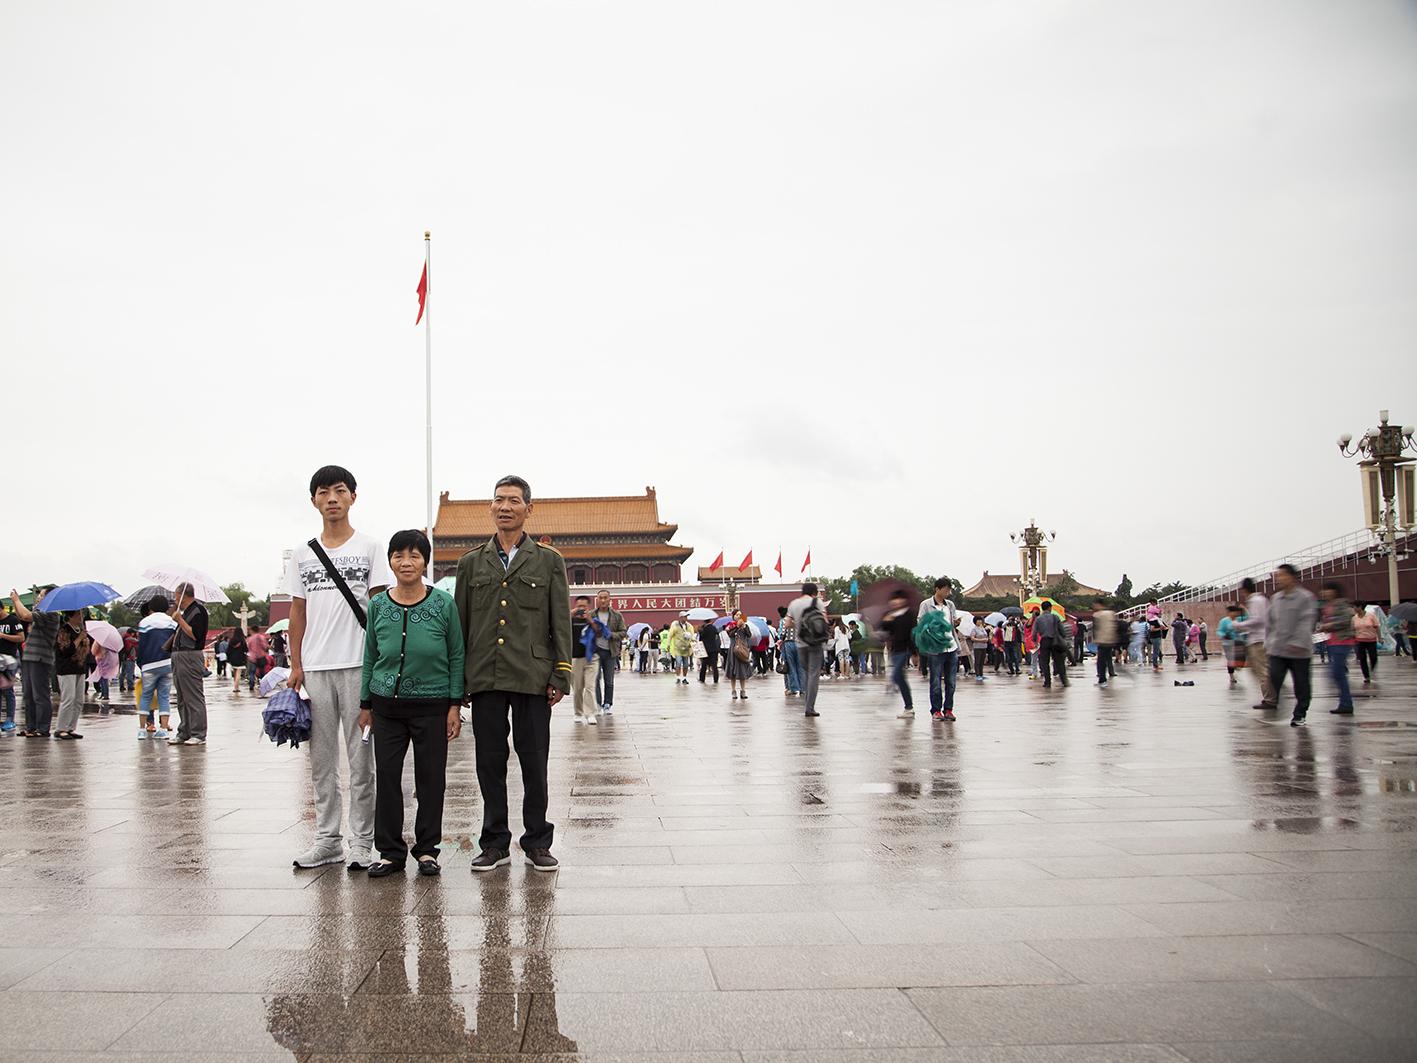 Peking III